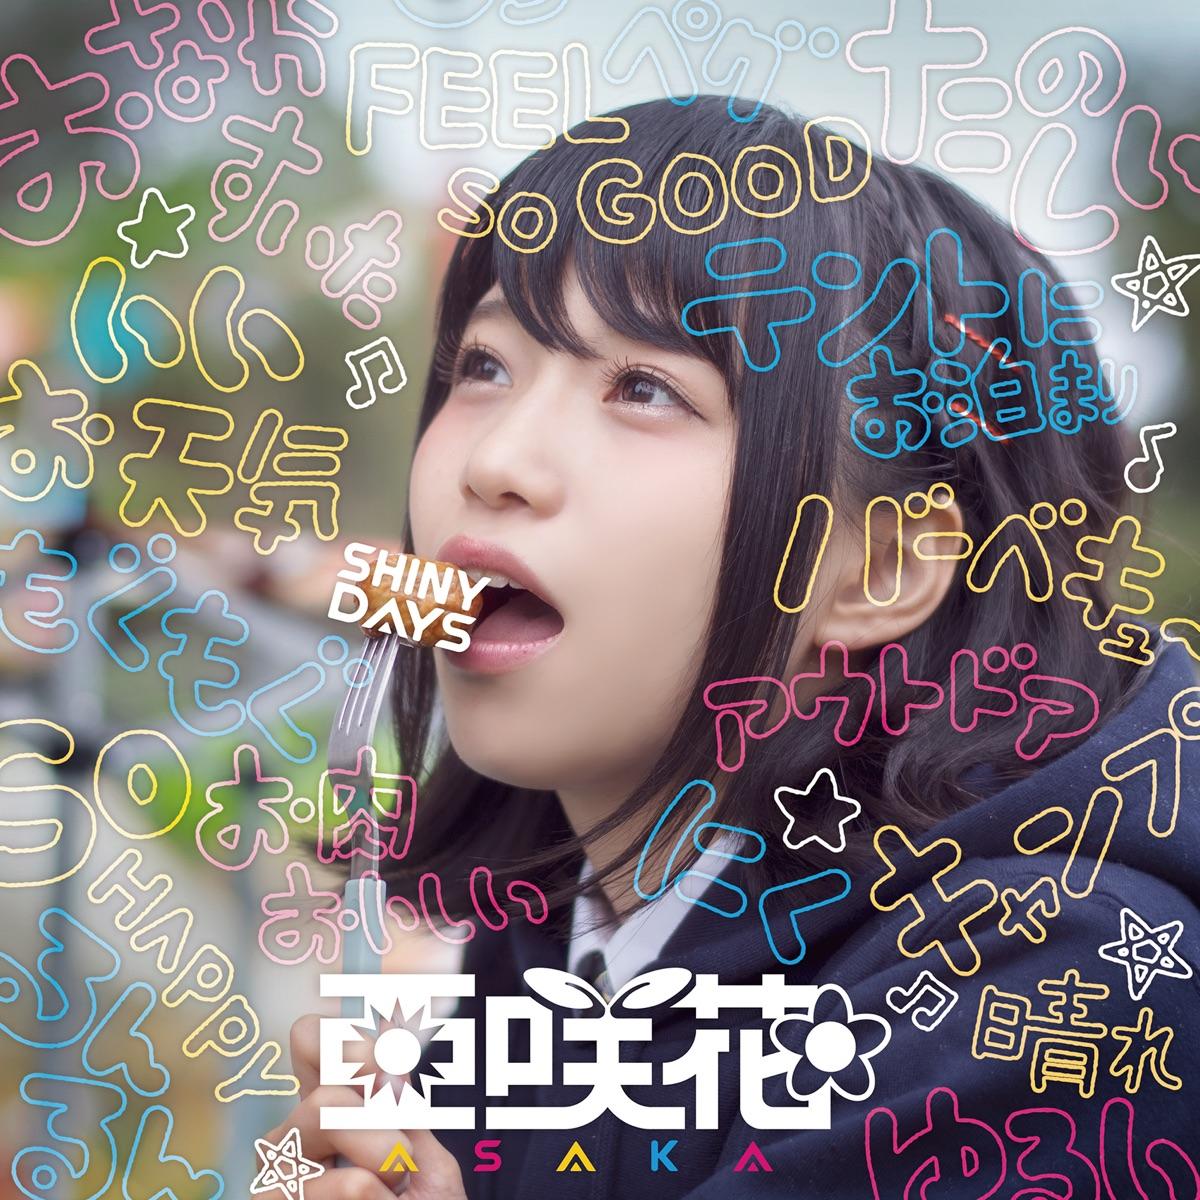 『亜咲花 - SHINY DAYS』収録の『SHINY DAYS』ジャケット